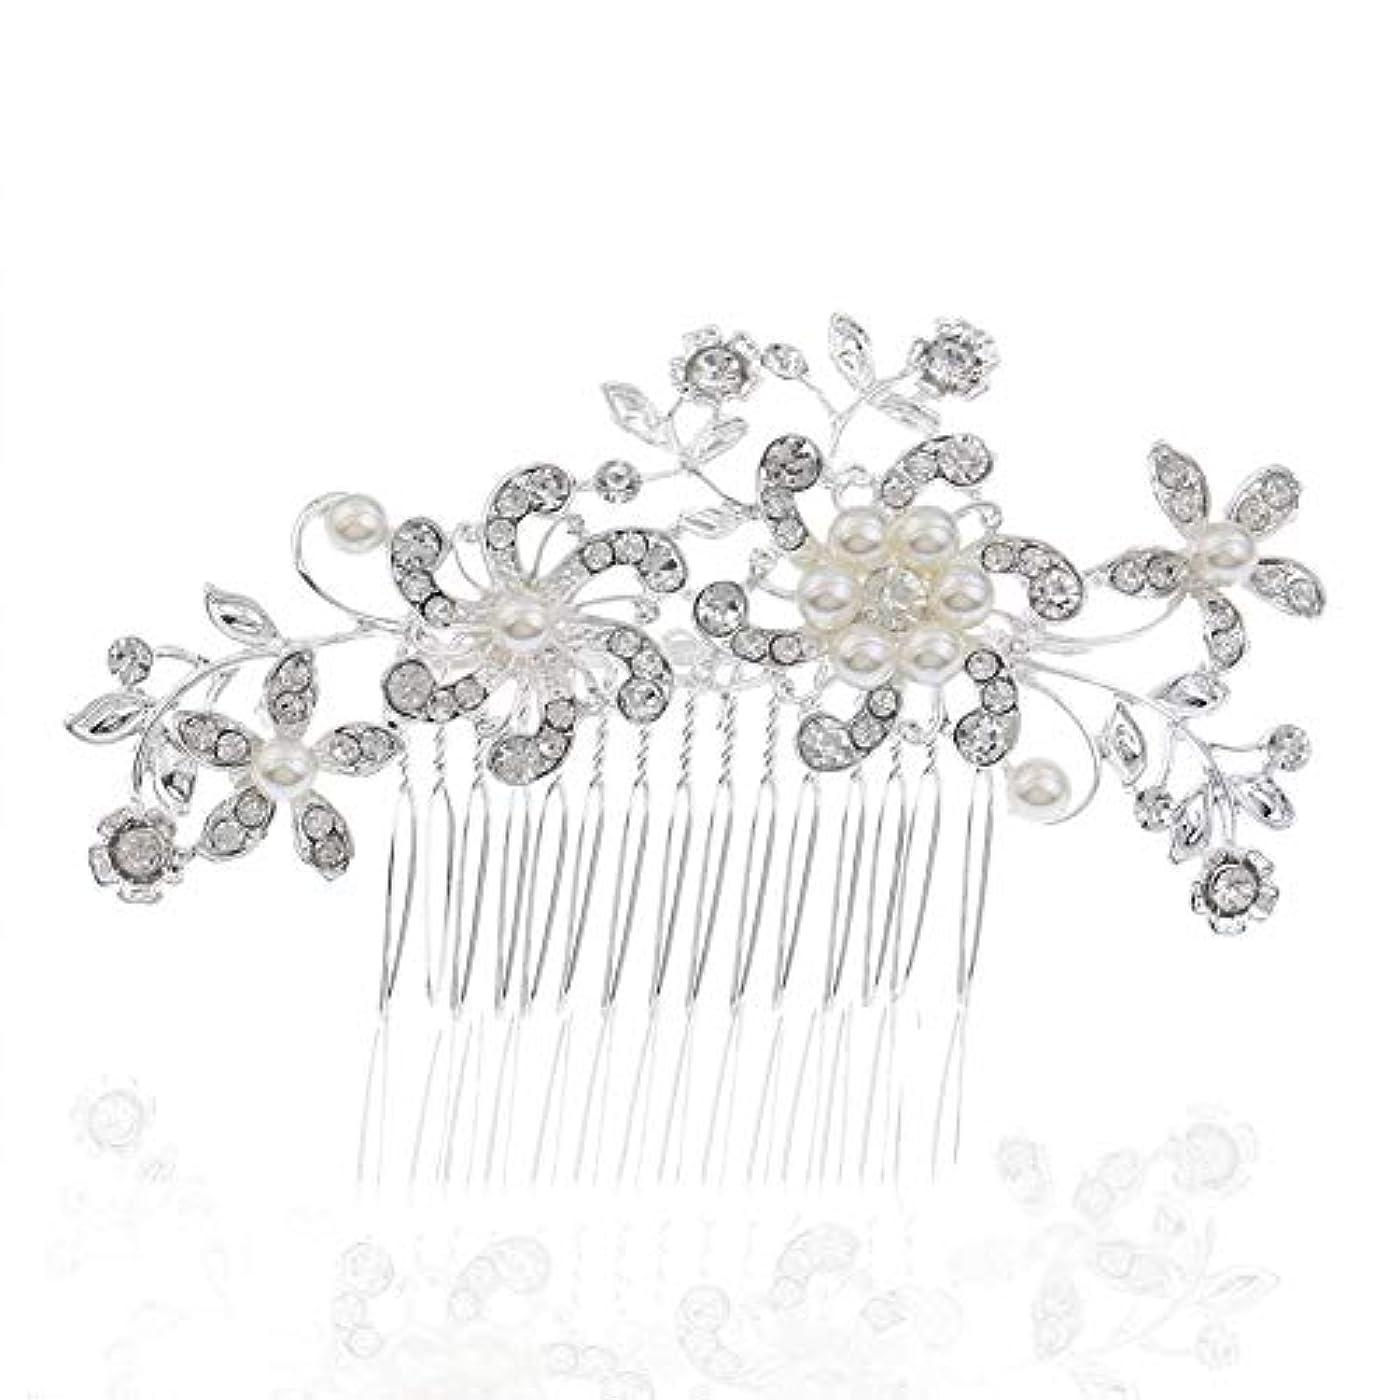 兵器庫忠実に思い出させるOnior ブライダル 新婦 頭飾り 模造花 ラインストーン 真珠 ヘアピン ヘアクリップ 櫛 ジュエリー ウェディング 結婚式アクセサリー